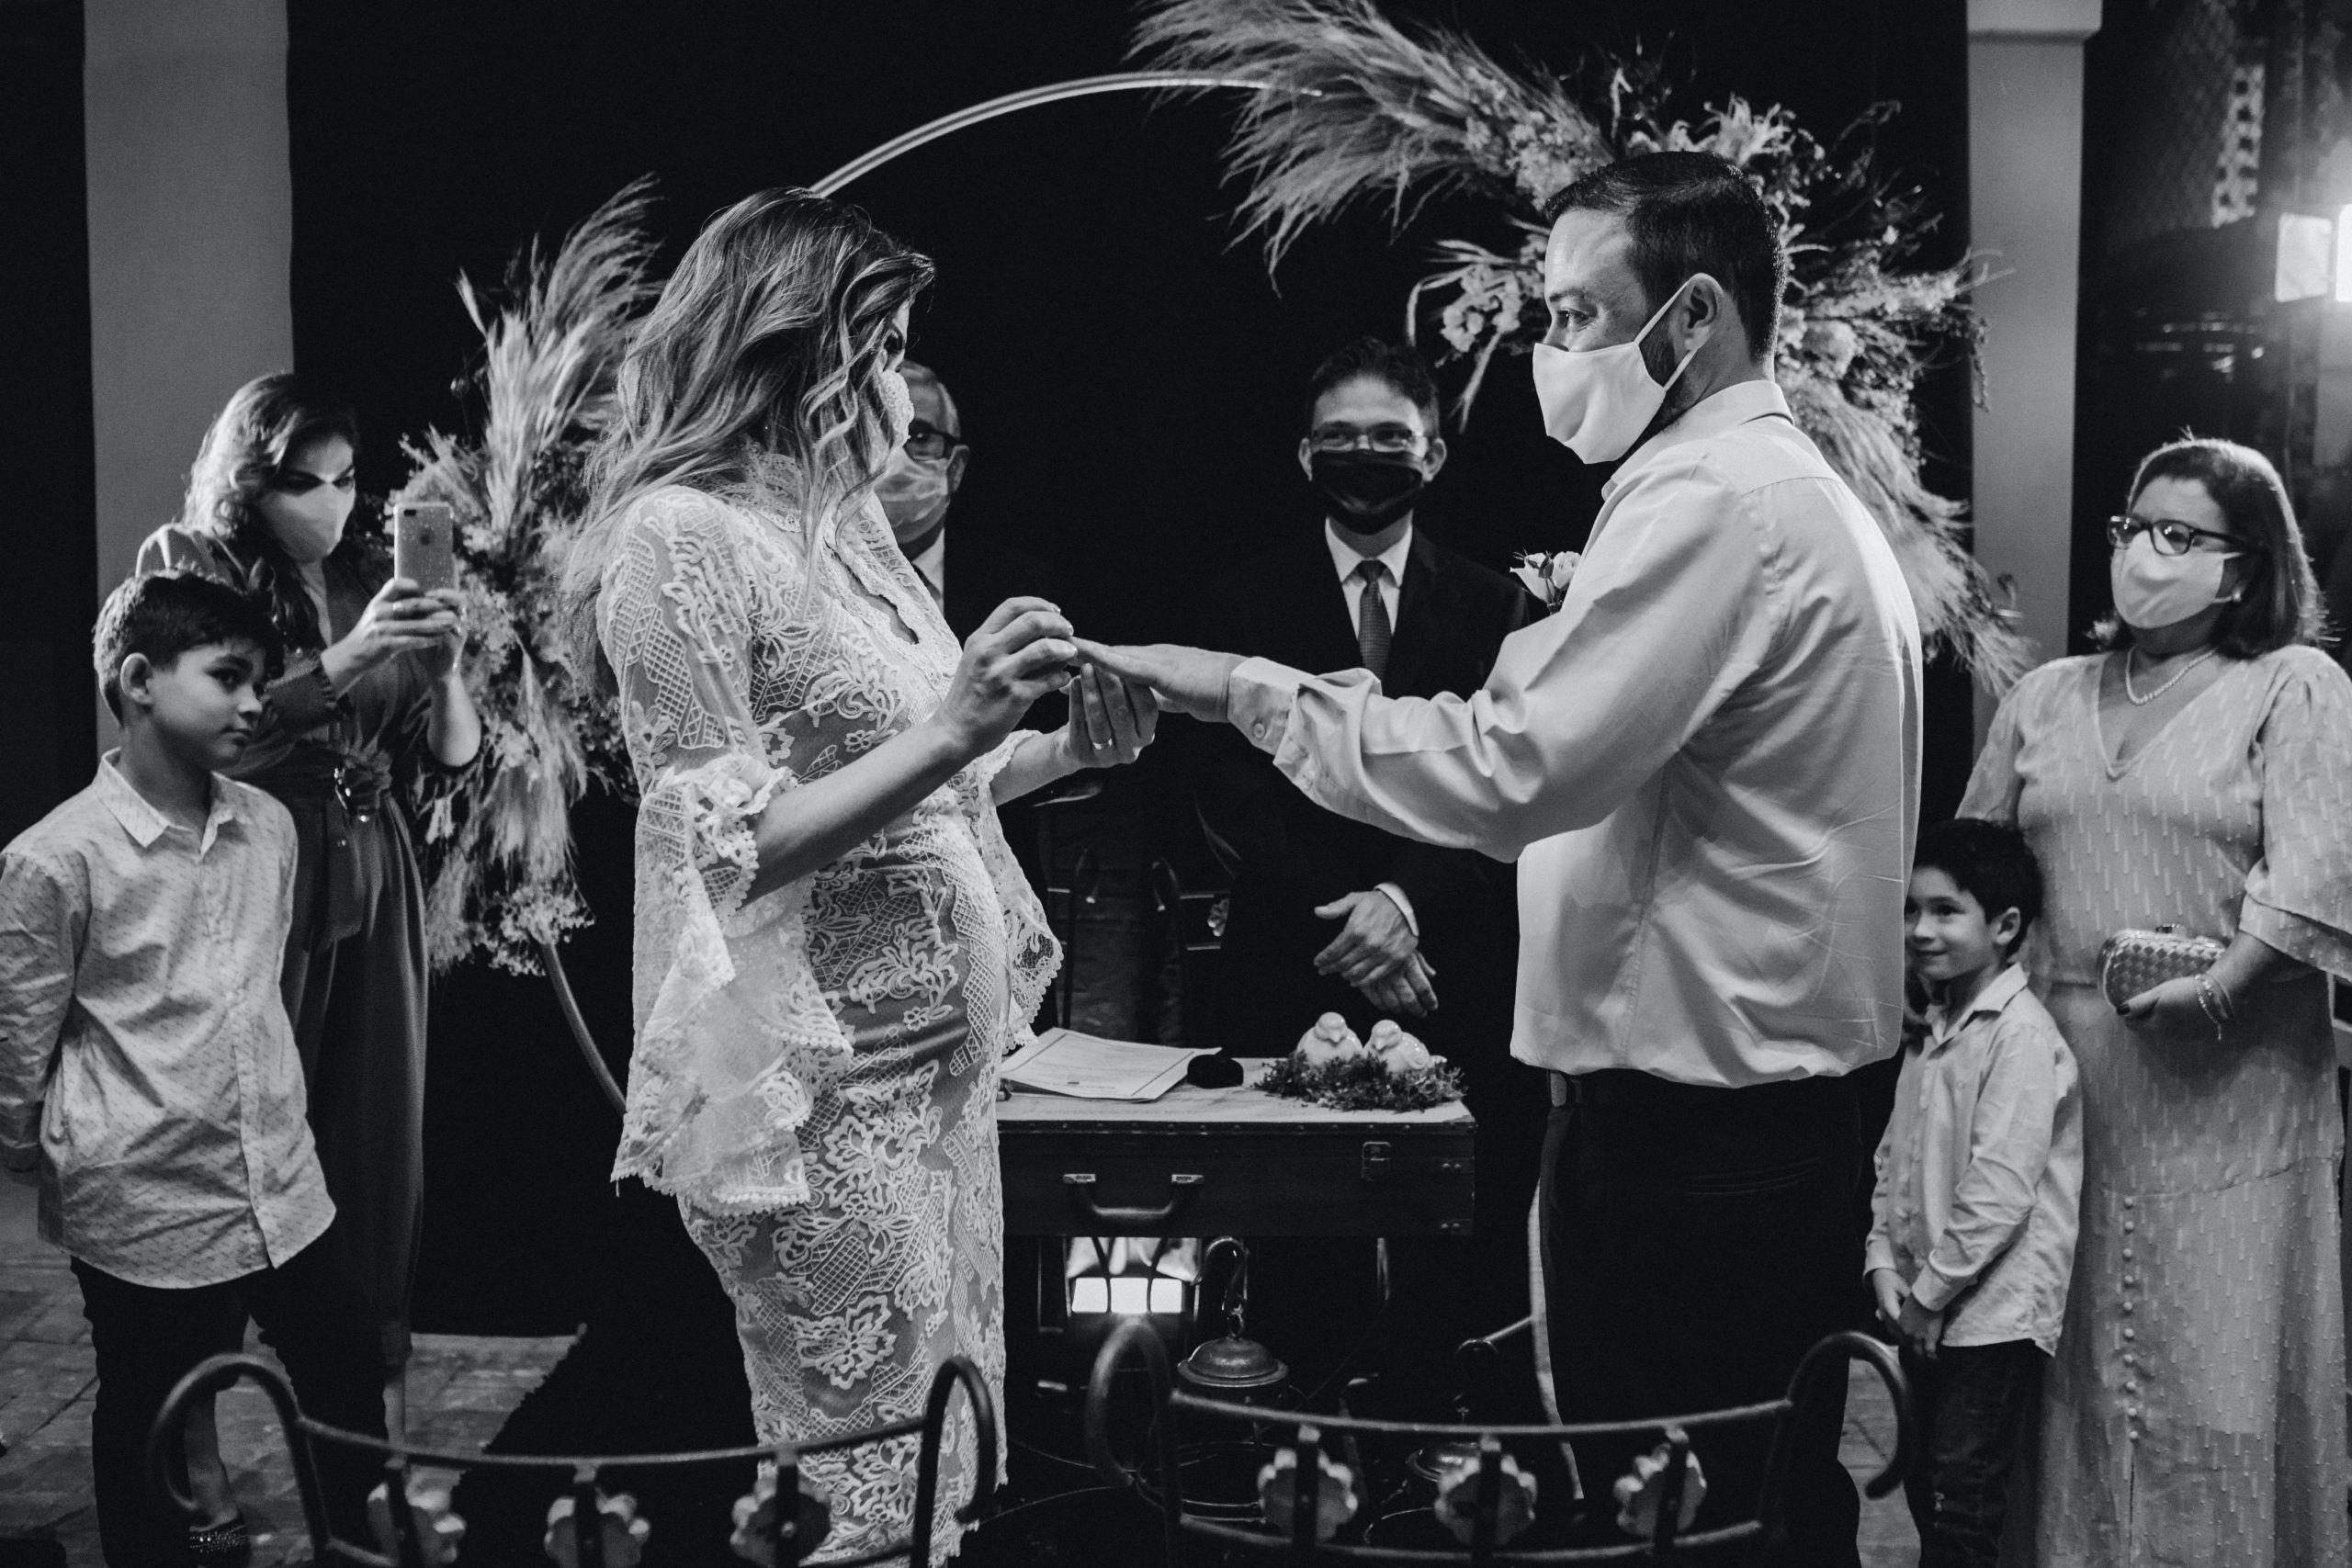 Cristina Cabero Soto Christie De Soto organización bodas íntimas eventos etiqueta protocolo